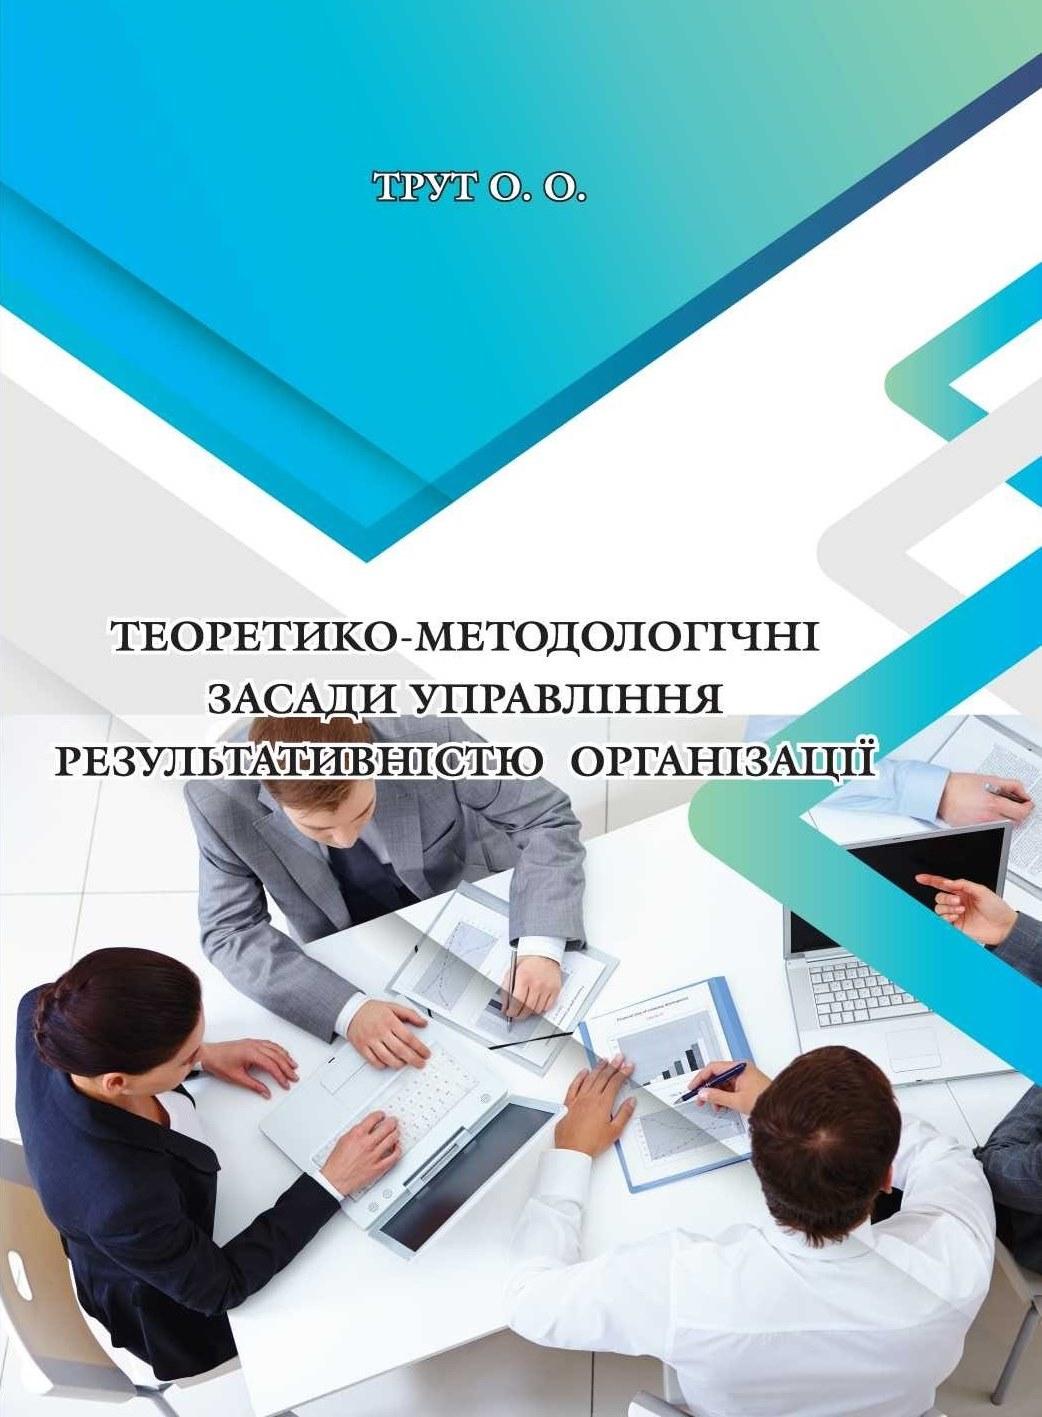 Теоретико-методологічні засади управління результативністю організації